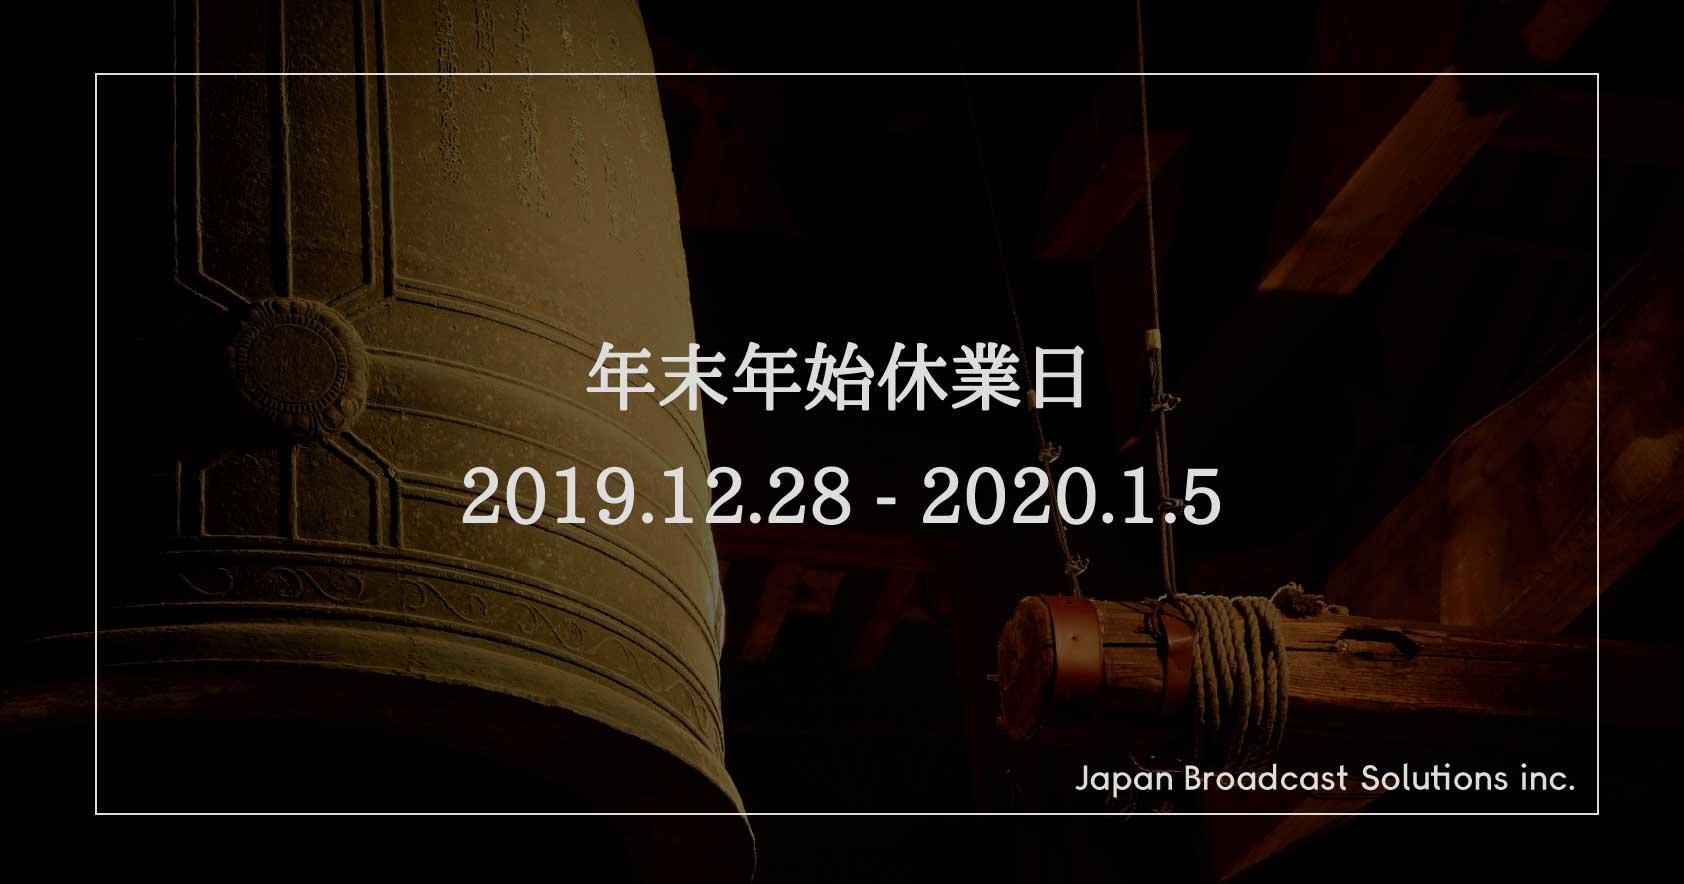 年末年始休業日(冬季休業)のお知らせ